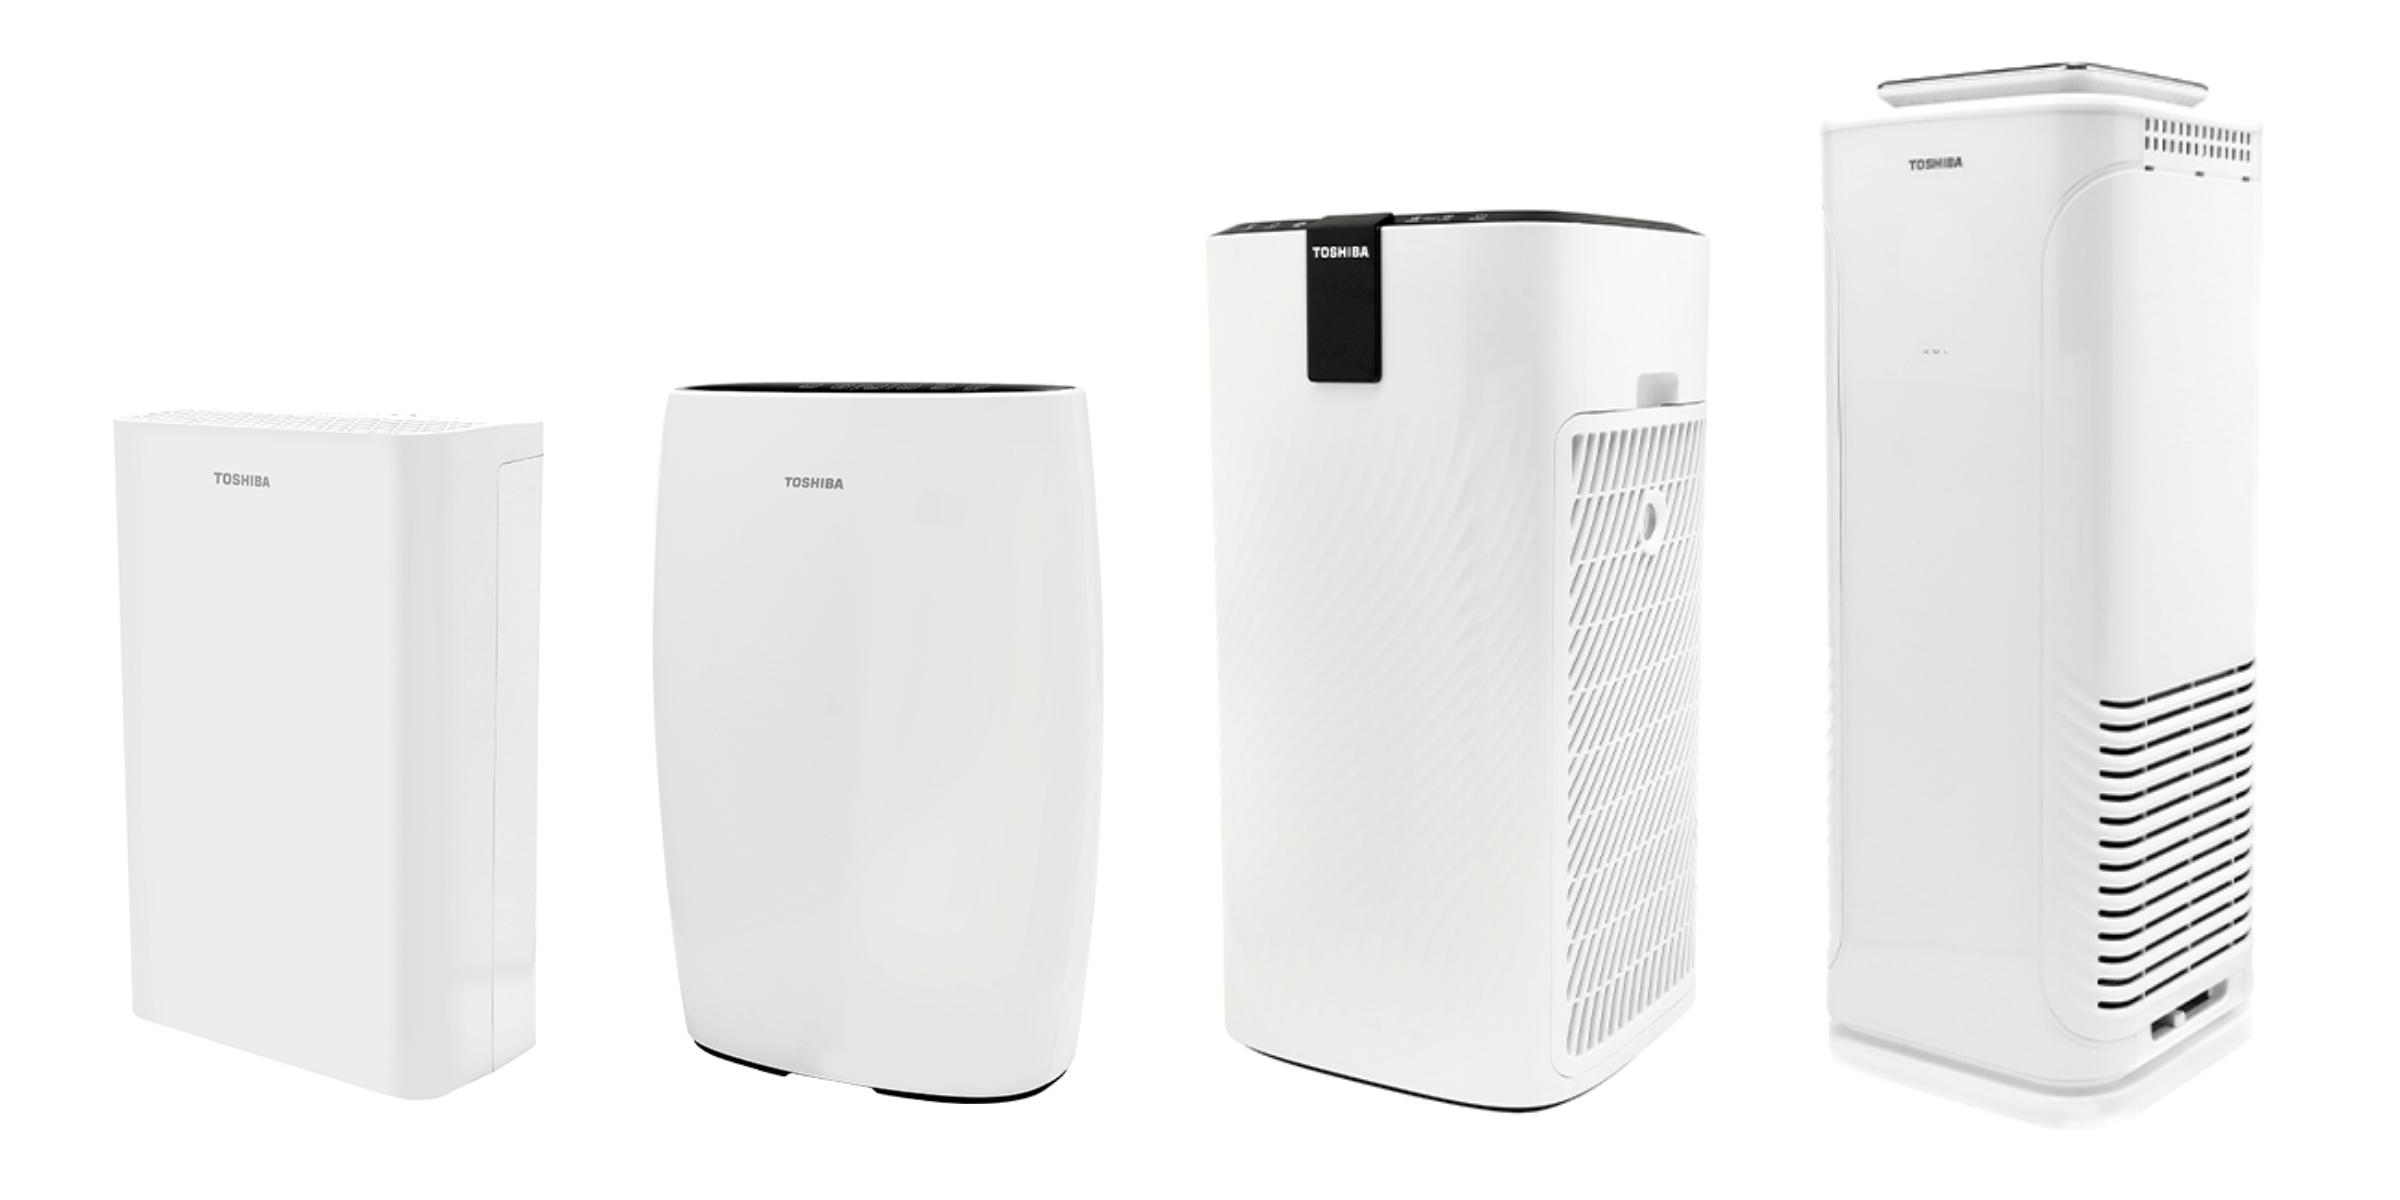 Porównanie oczyszczaczy Toshiba - wygląd